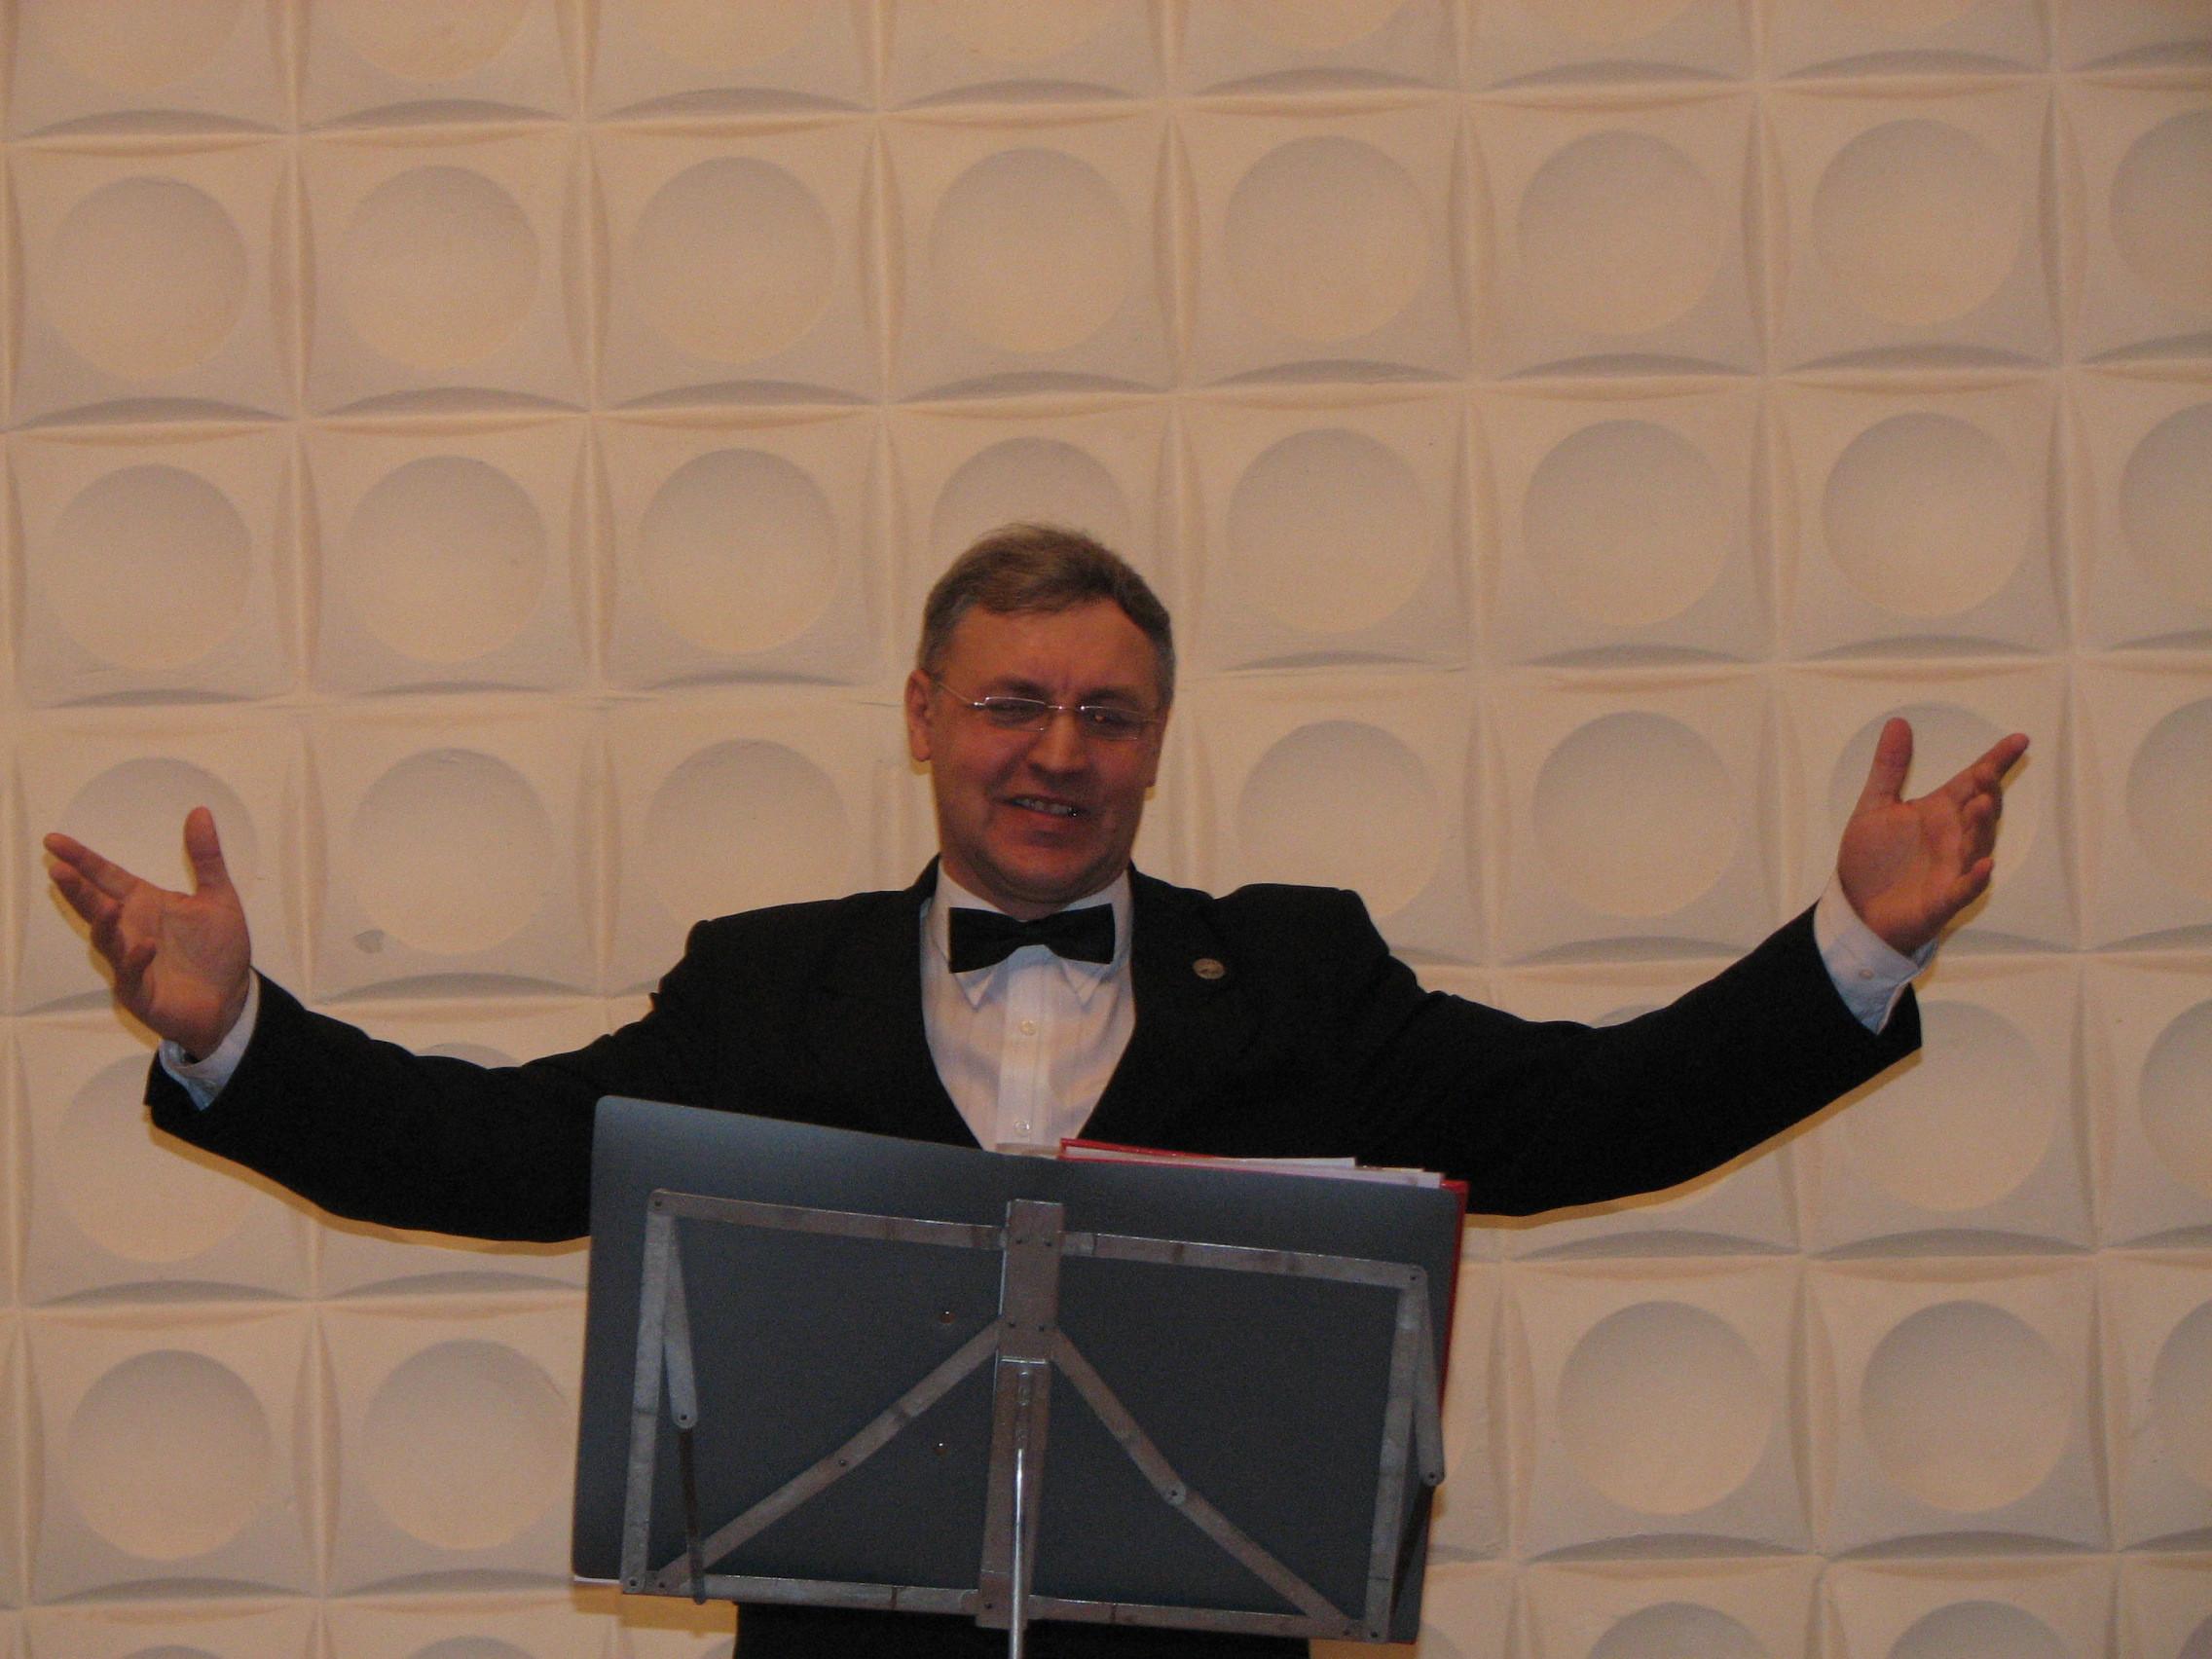 25февраля 2016 года вДоме Учёных состоится концерт ансамбля «Успех» подруководством Н.И.Солдатова